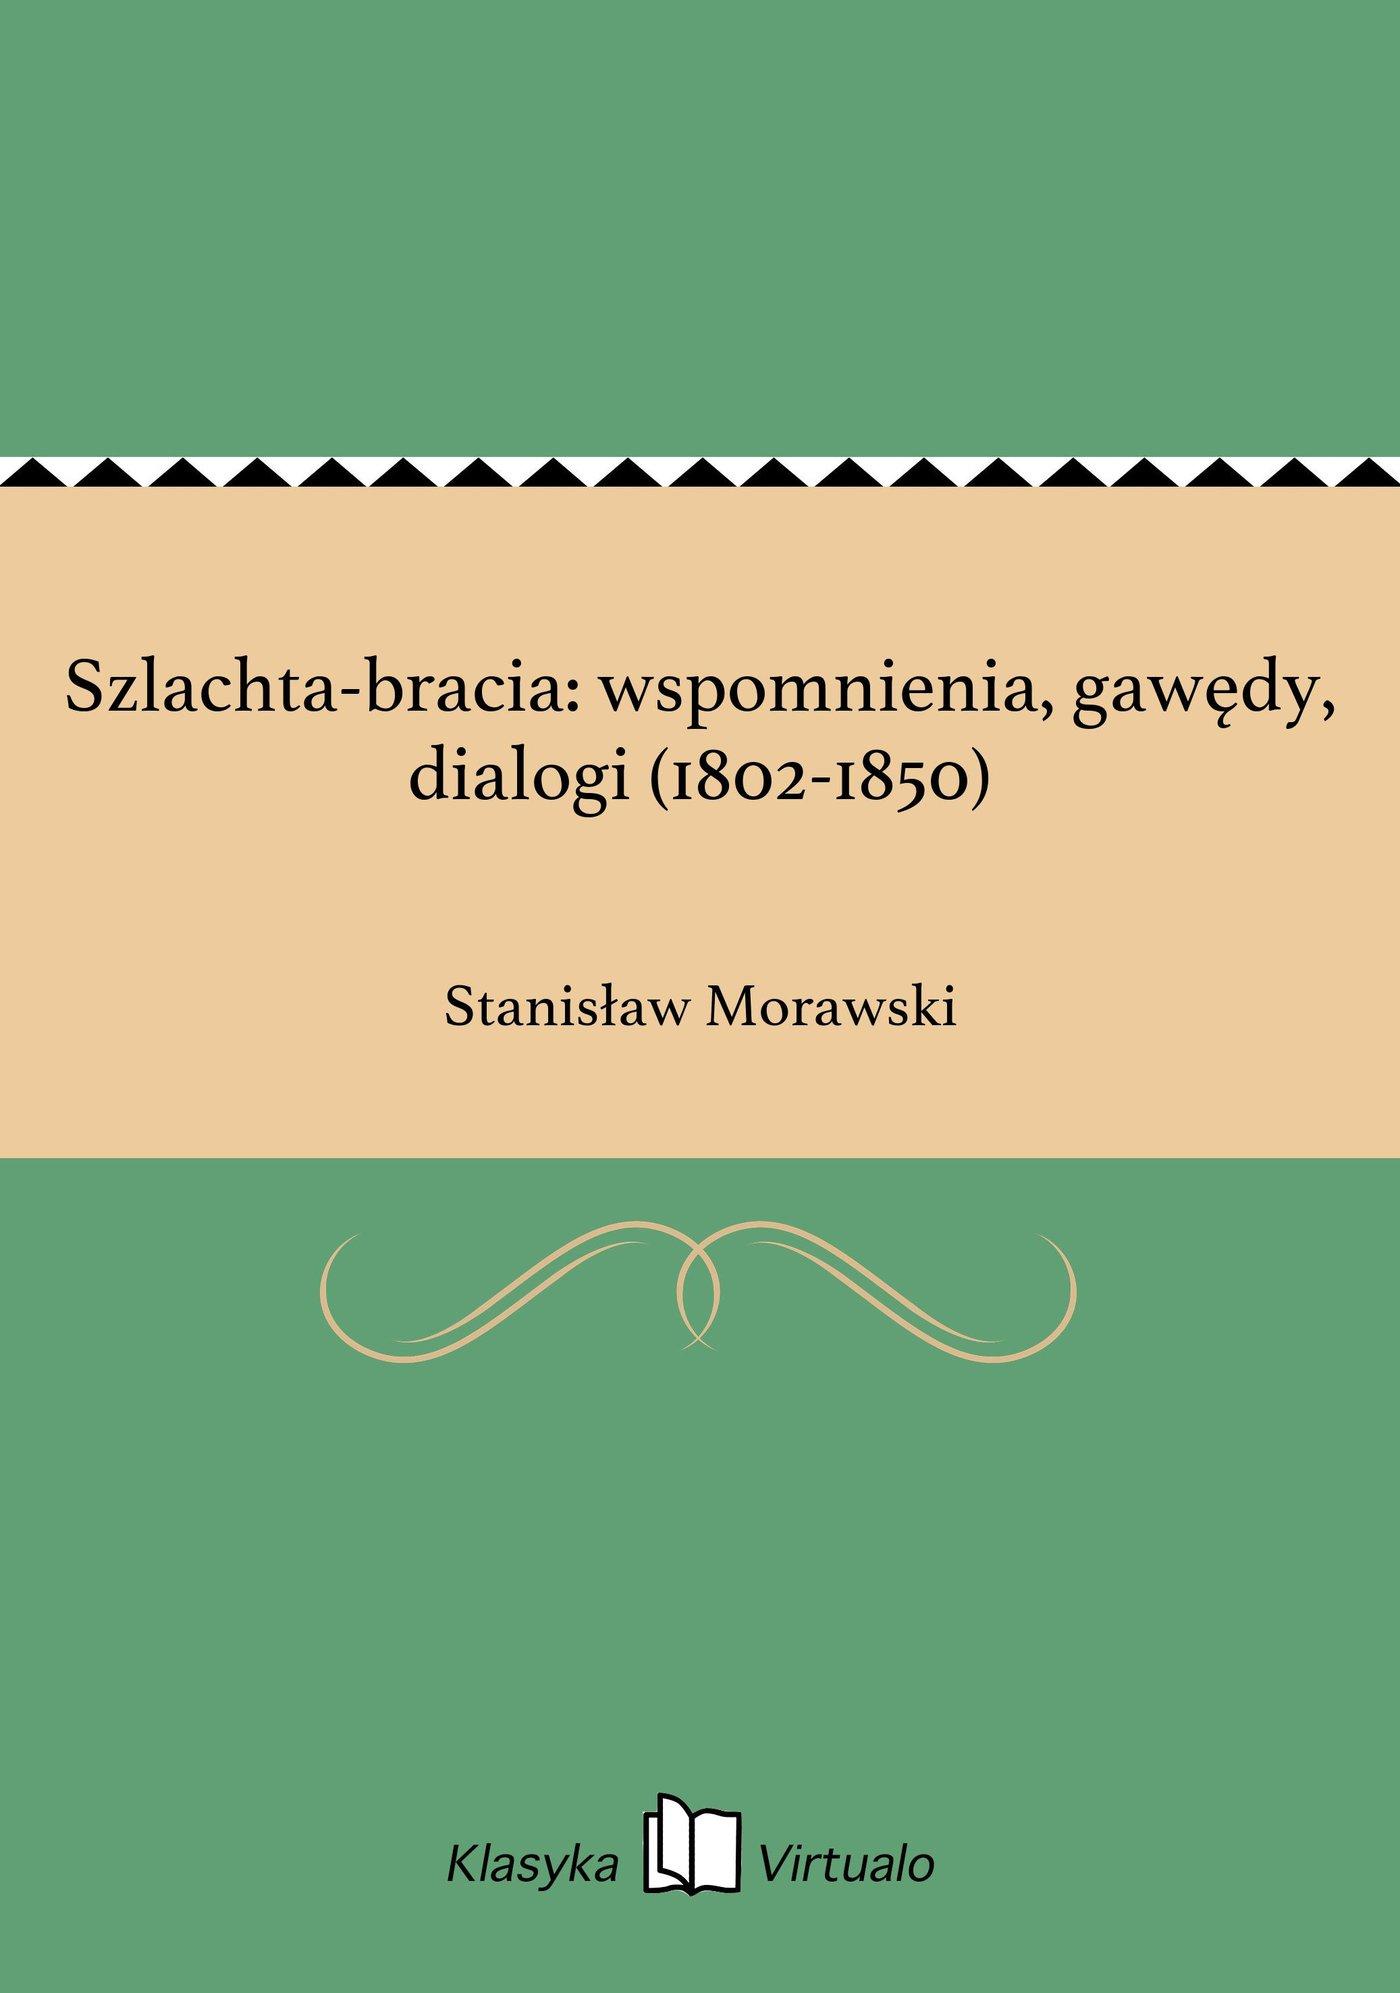 Szlachta-bracia: wspomnienia, gawędy, dialogi (1802-1850) - Ebook (Książka EPUB) do pobrania w formacie EPUB